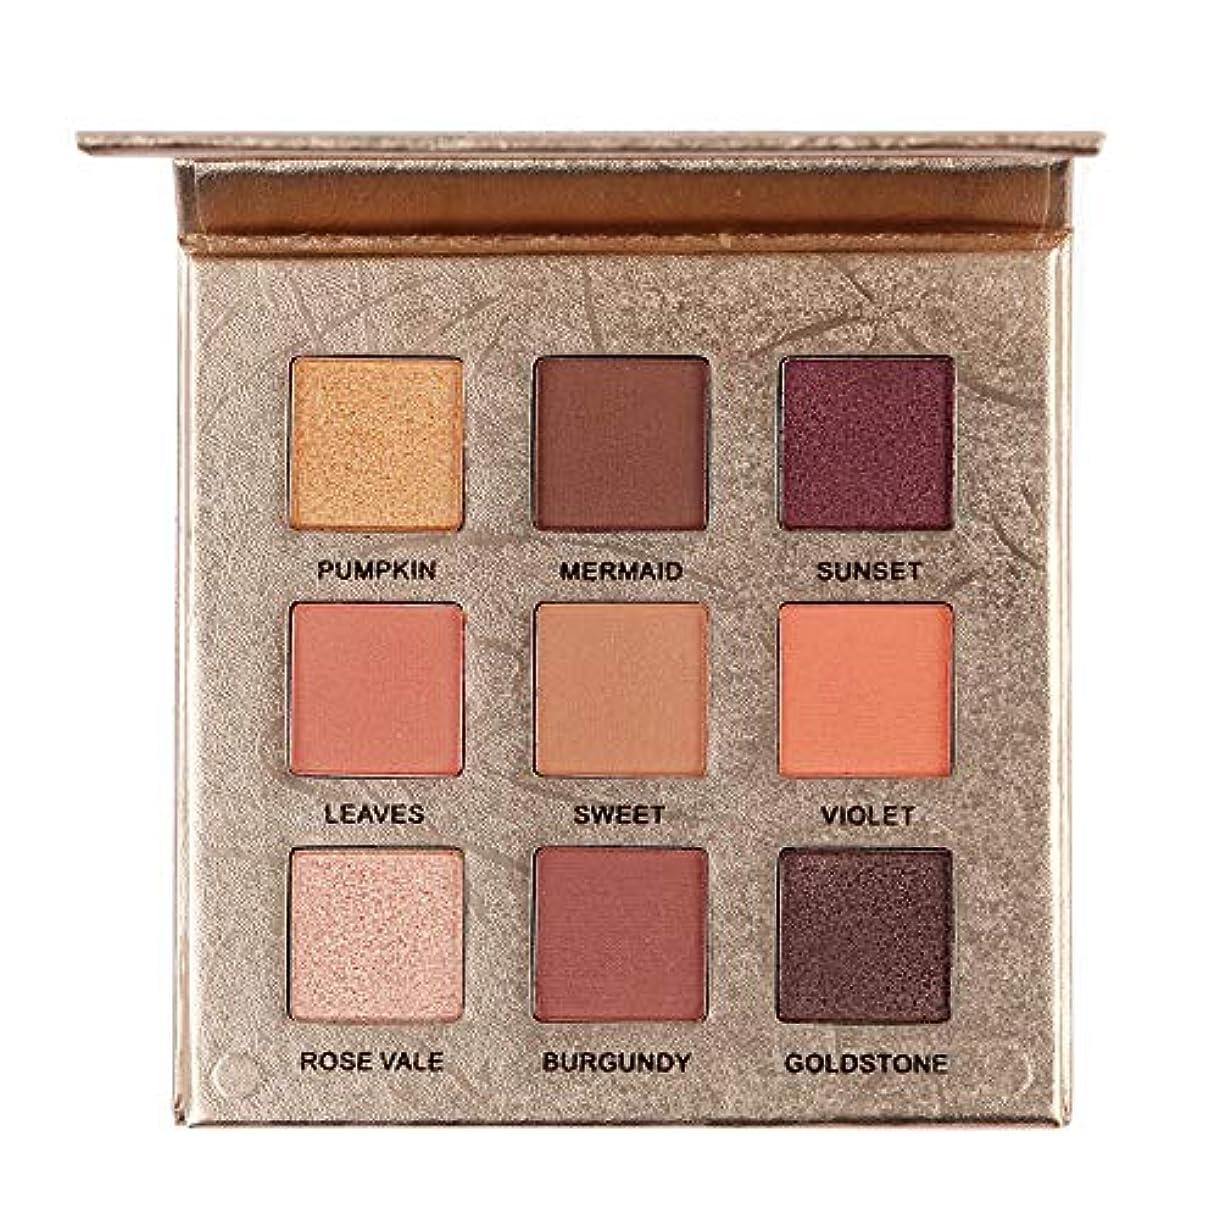 上向き保証アデレード9色のきらめきのきらめきのアイシャドウの粉のマットのアイシャドウの化粧品の構造